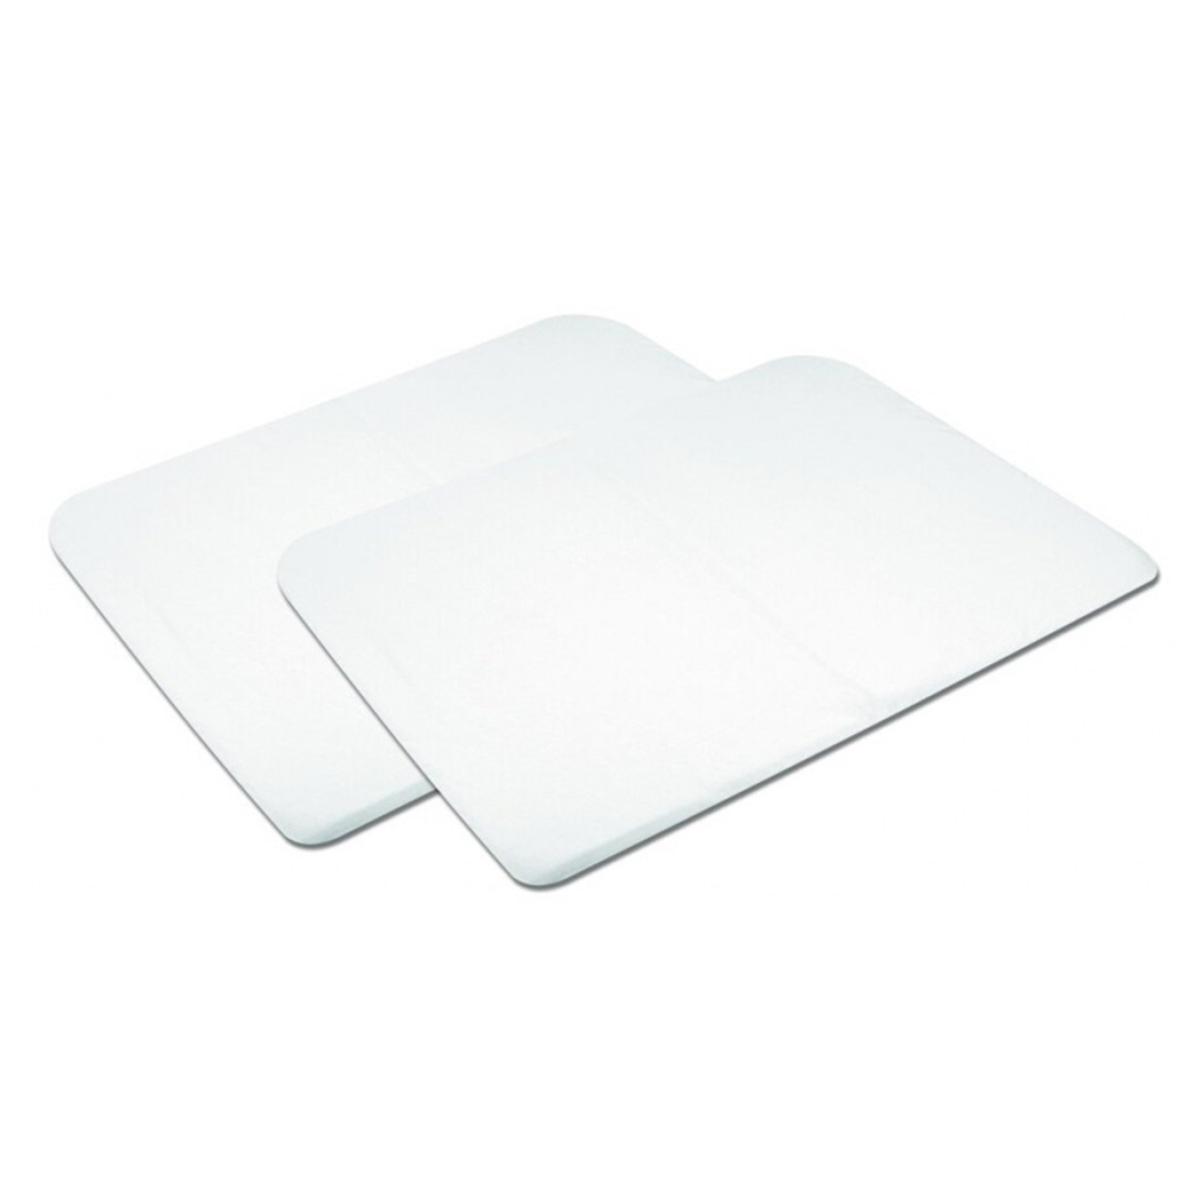 Linge de lit Lot de 2 Draps de Lit pour Nouveau-né Swift - 48 x 78 cm Lot de 2 Draps de Lit pour Nouveau-né Swift - 48 x 78 cm